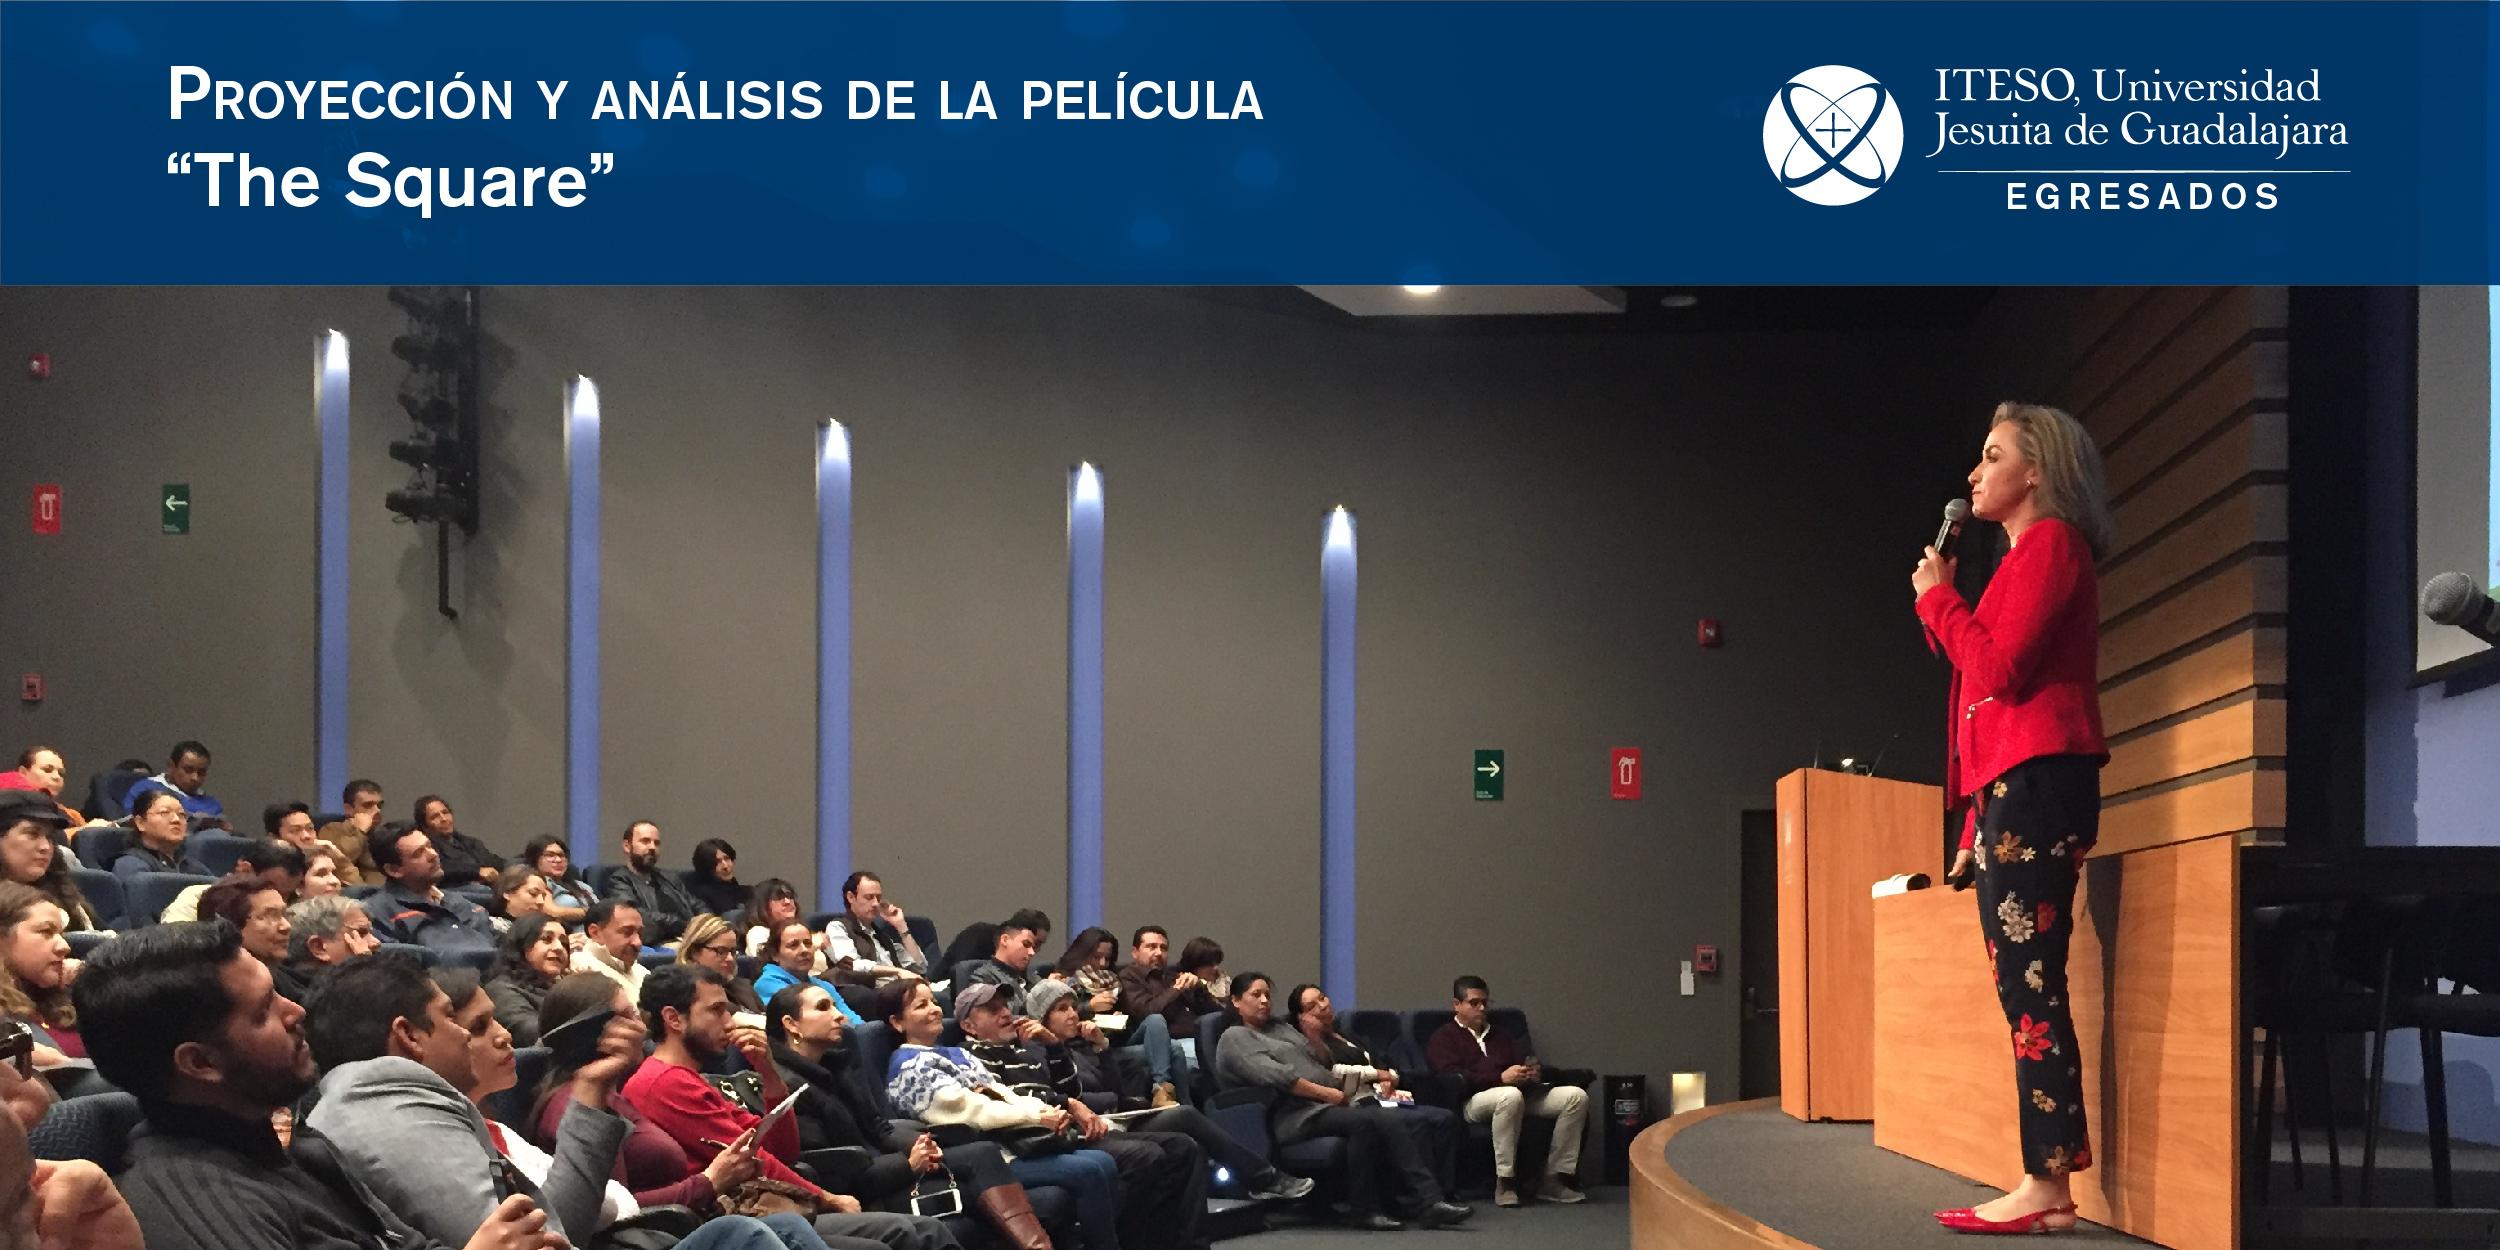 PROYECCIÓN Y ANÁLISIS DE LA PELÍCULA: